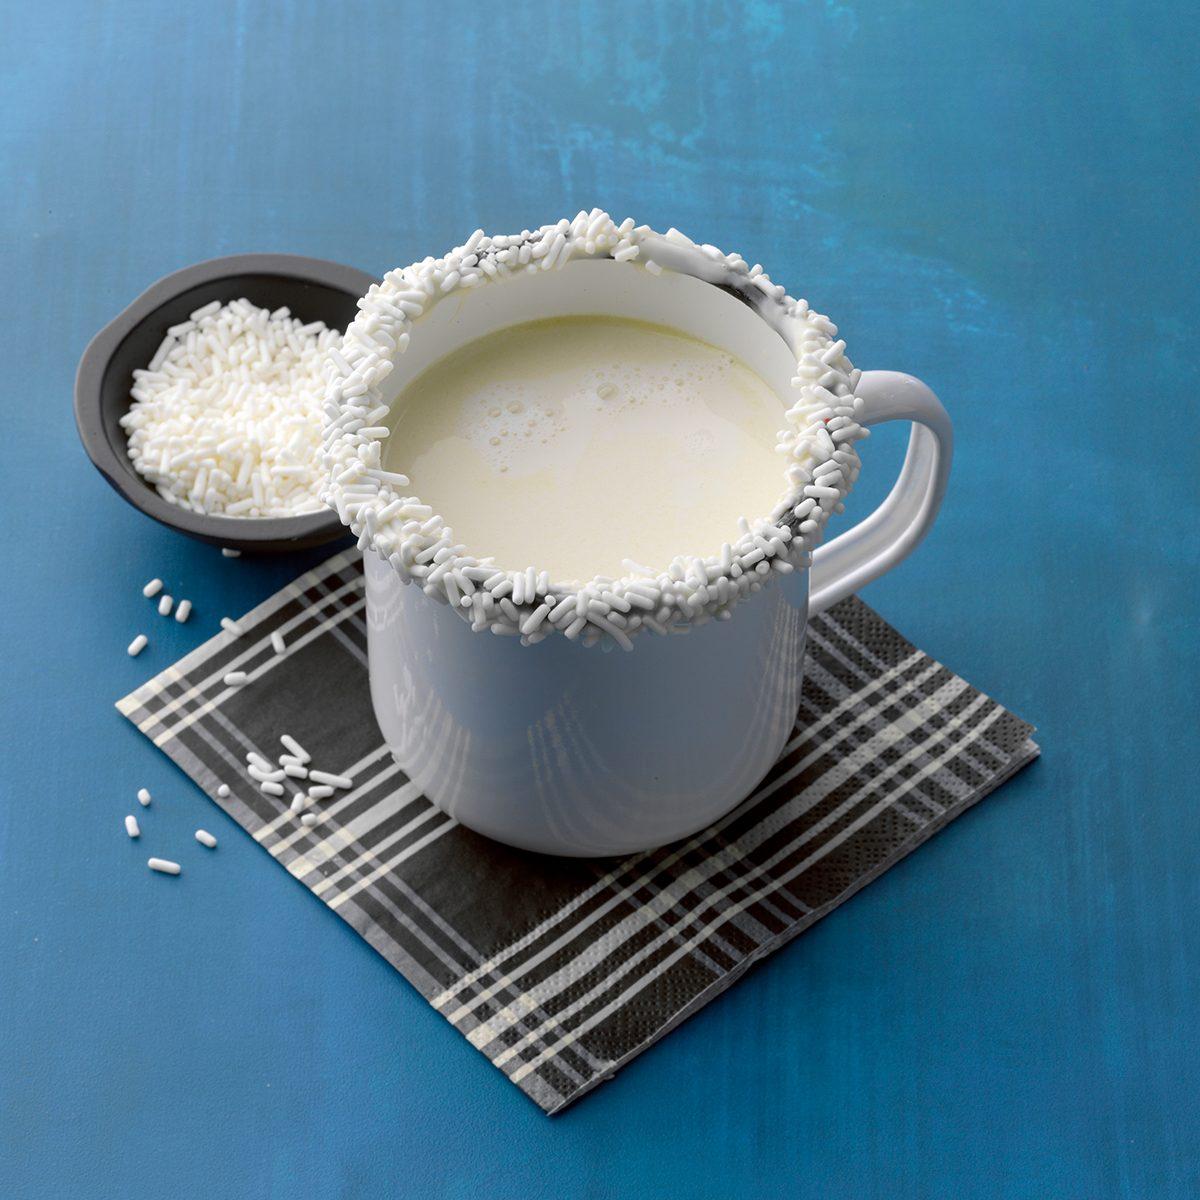 Creamy White haute chocolate